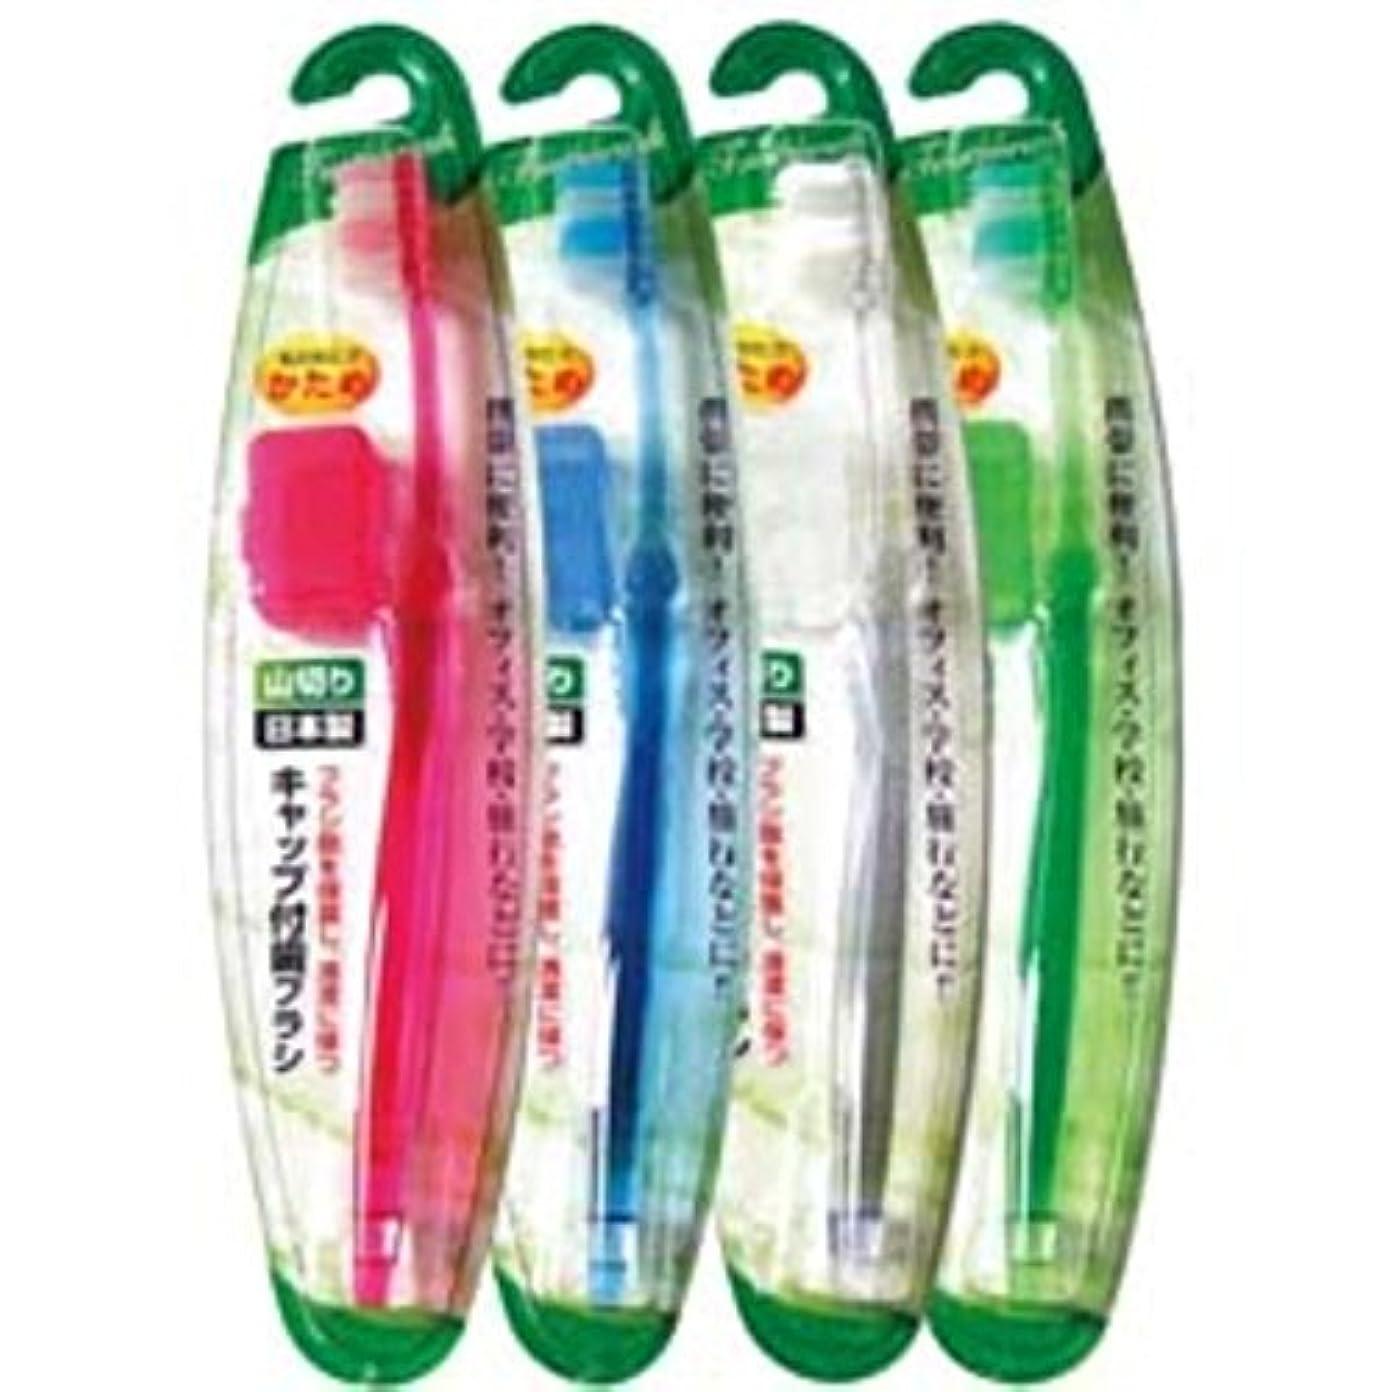 均等にアウター古代キャップ付歯ブラシ山切りカット(かため)日本製 japan 【まとめ買い12個セット】 41-210